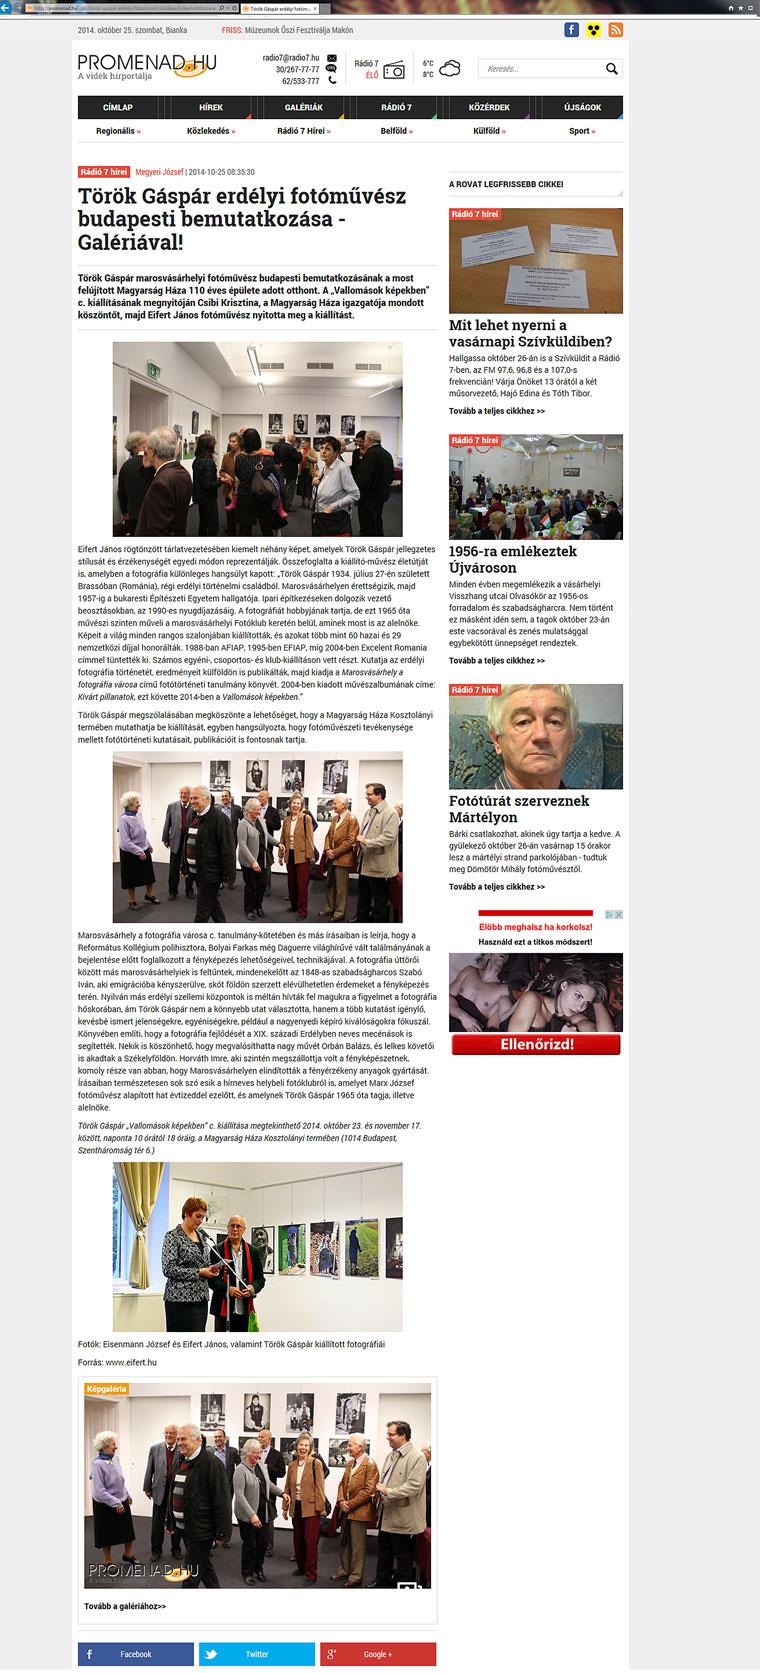 2014.10.25.-Promenad.hu-Tör